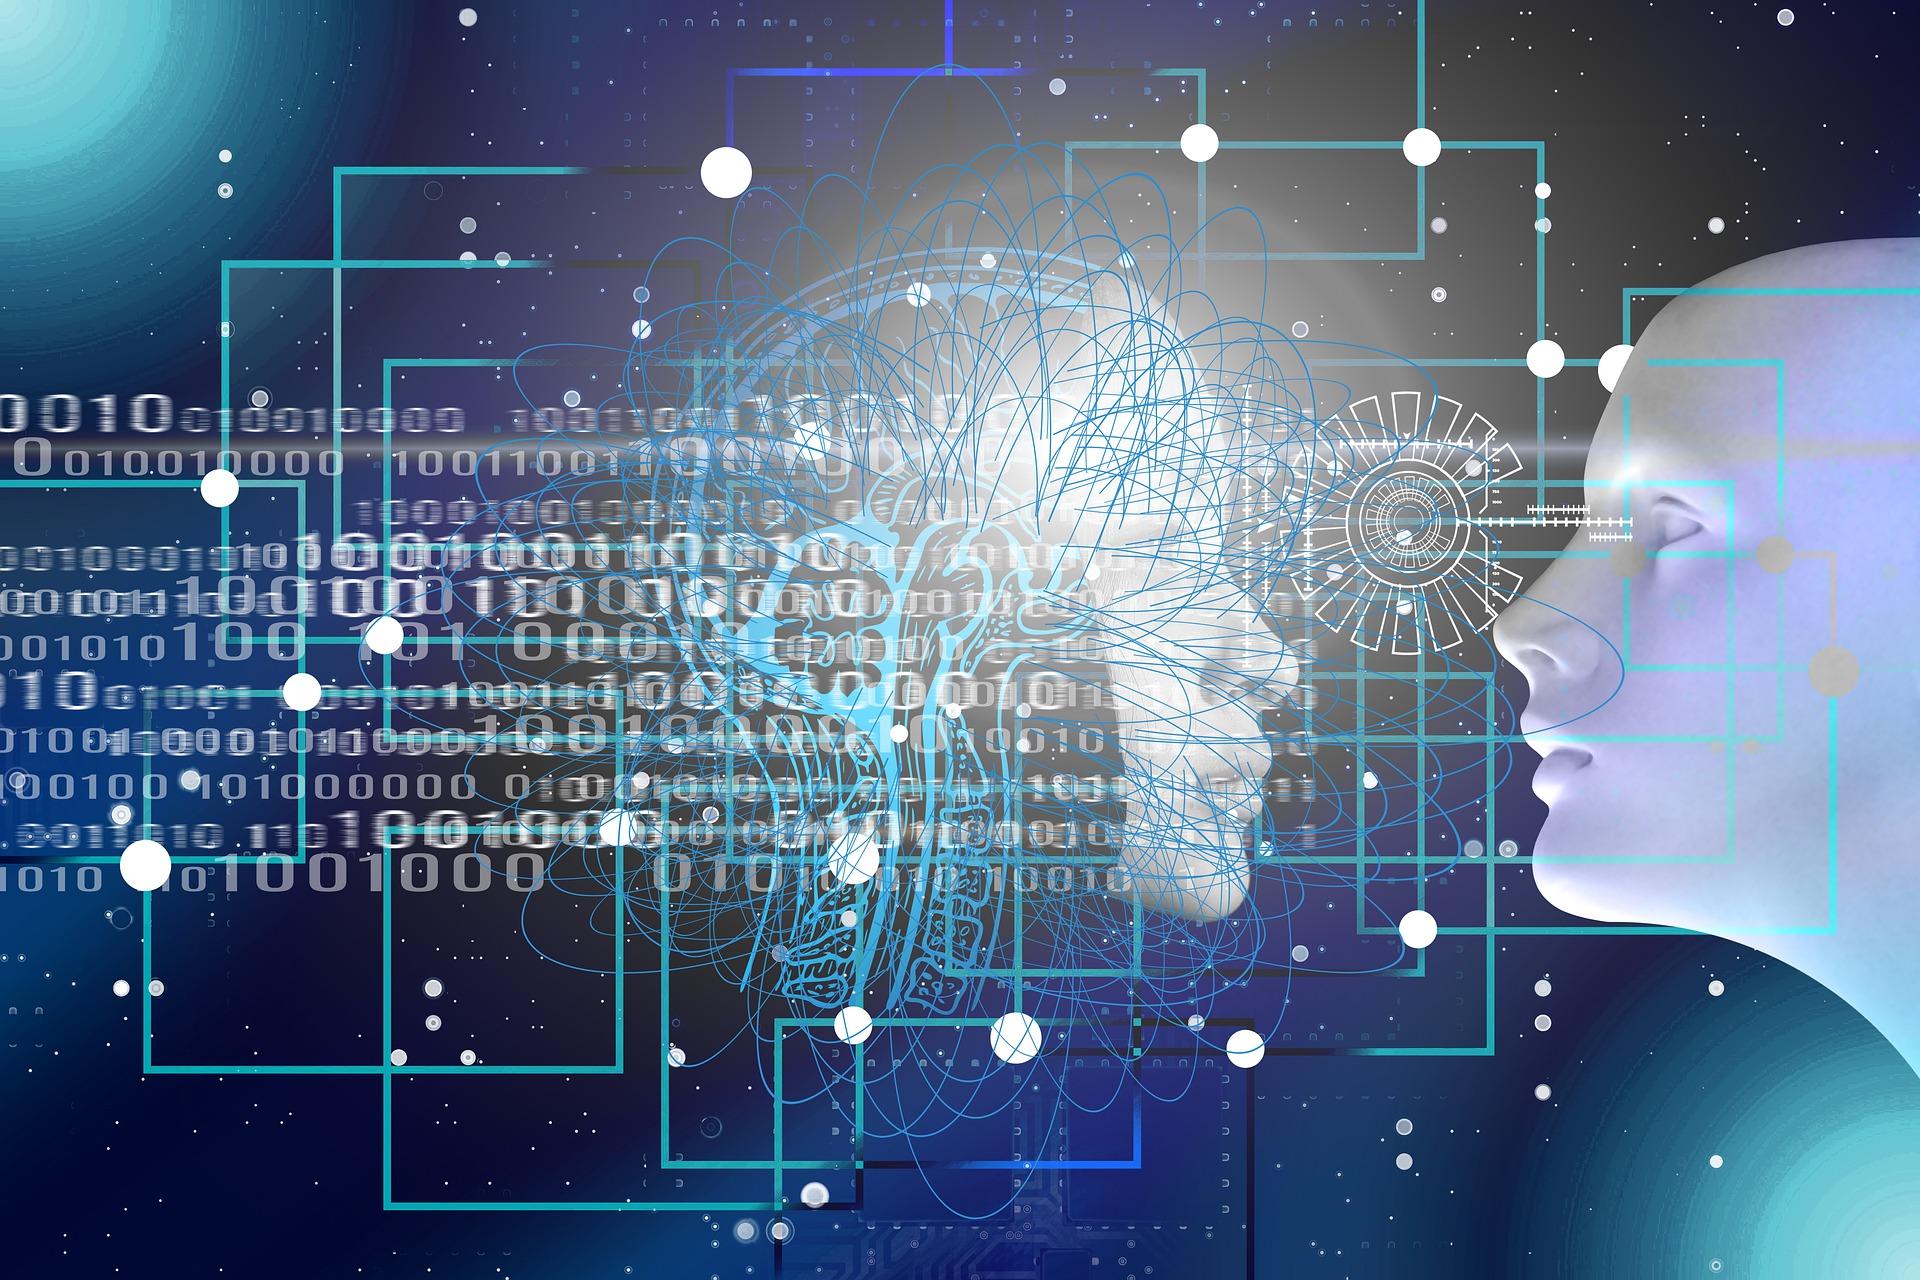 IA ayudaría a detectar sesgos en publicidad